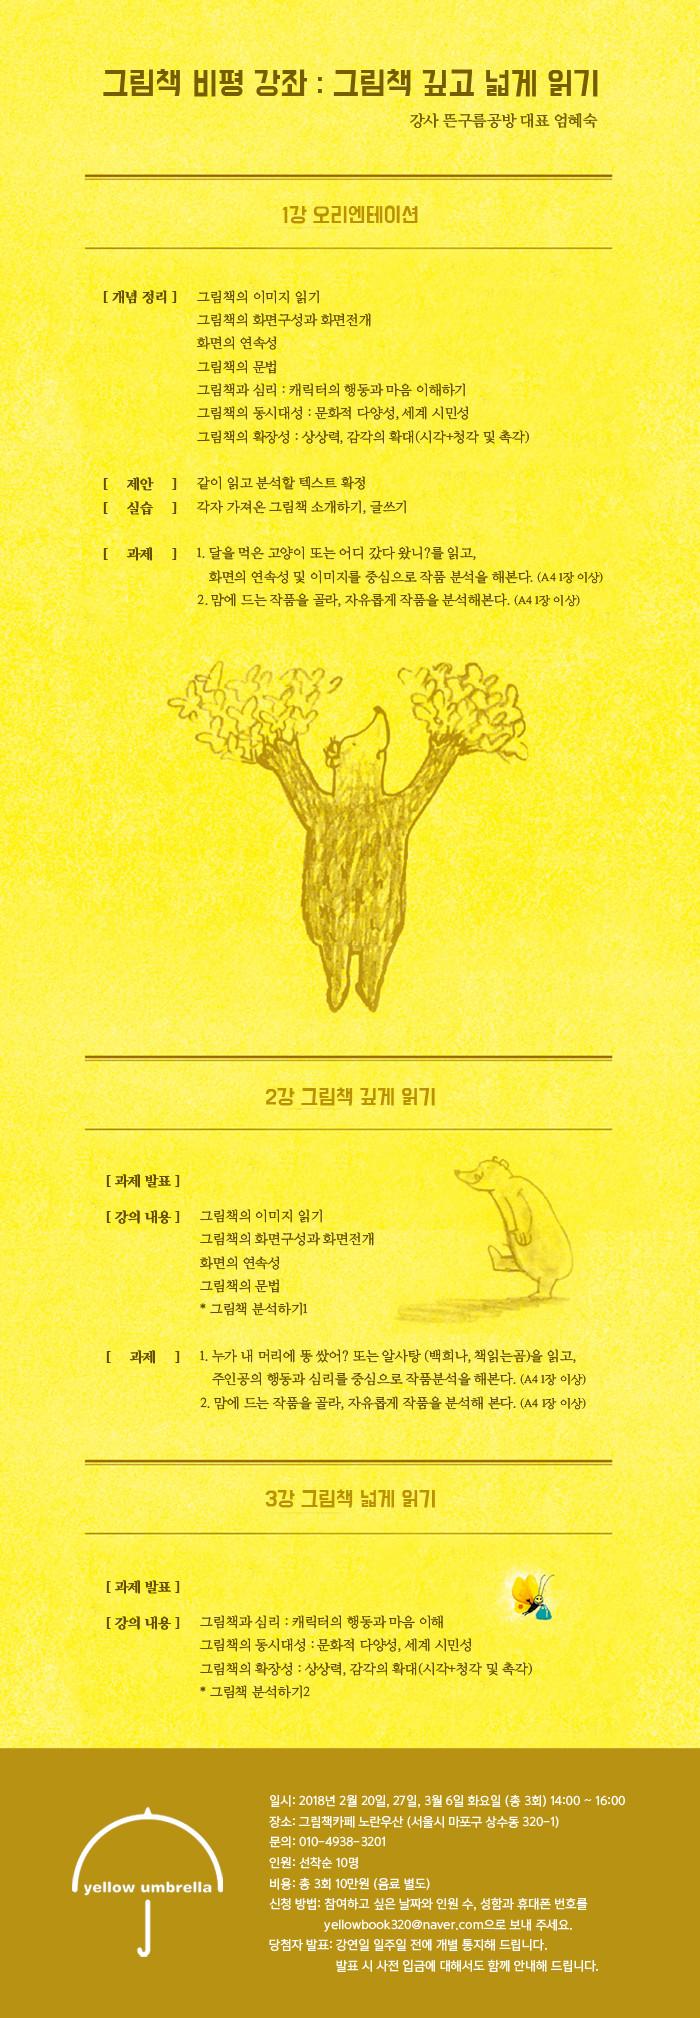 그림책 비평 강좌_YES24.jpg